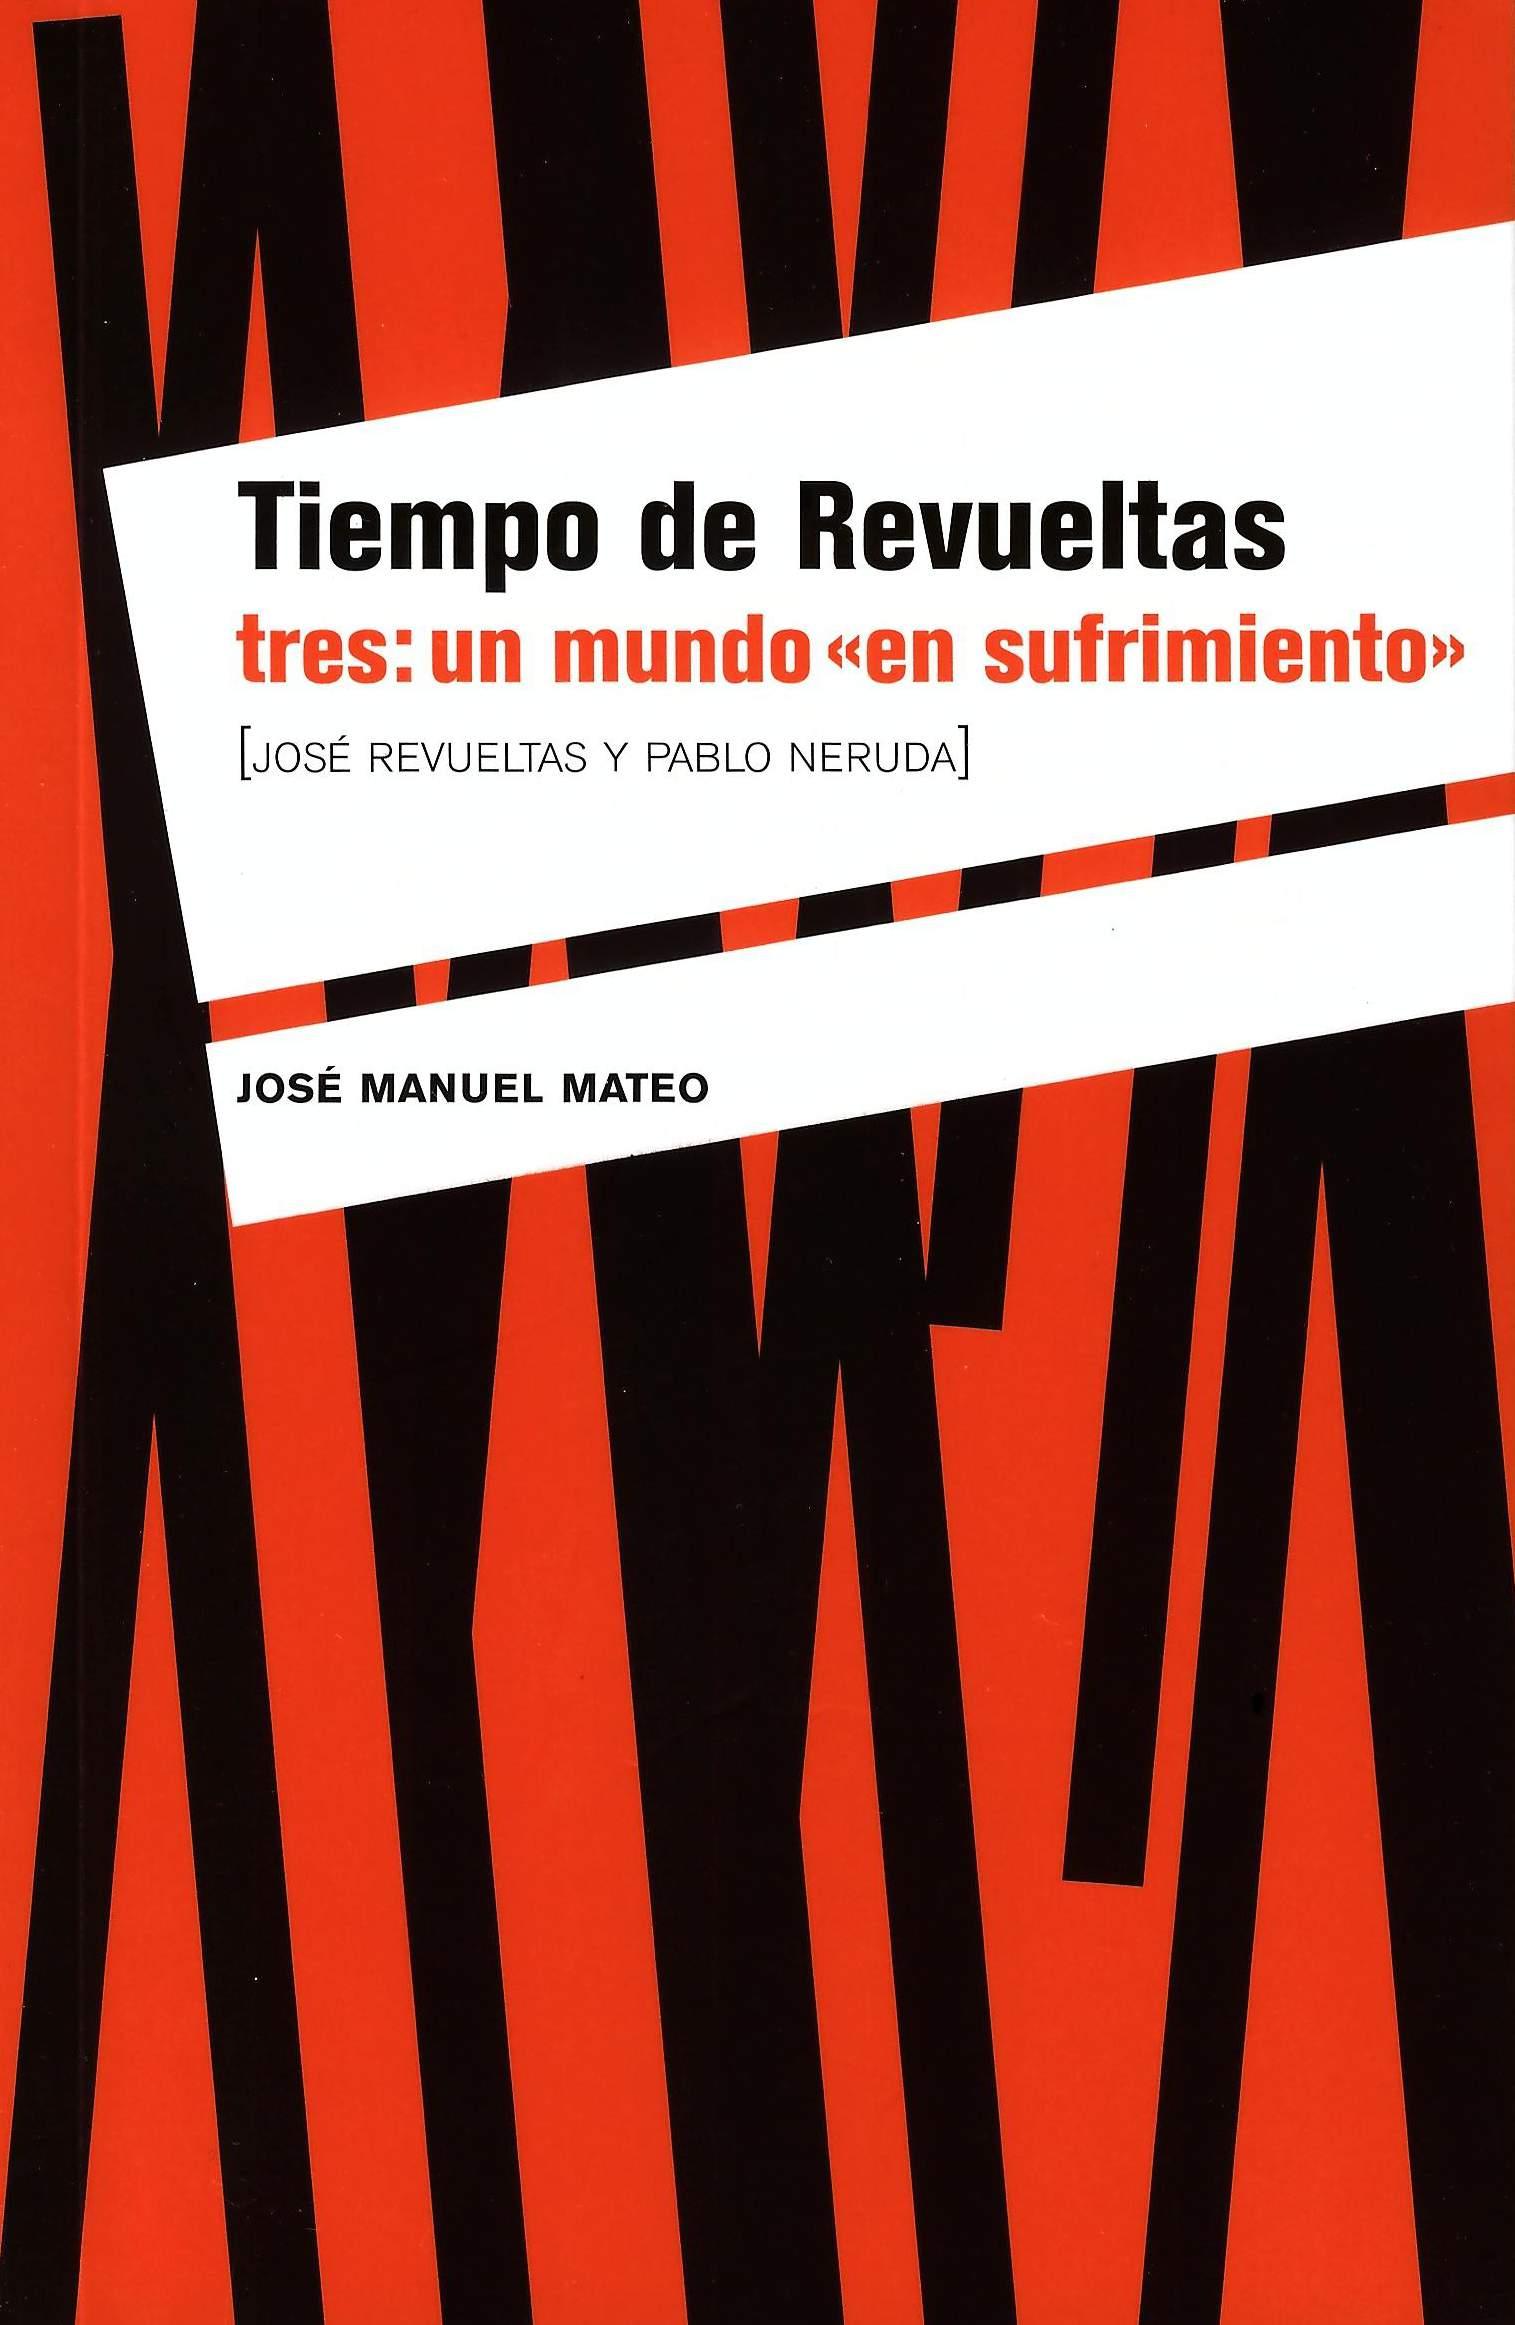 """Tiempo de Revueltas tres: un mundo """"en sufrimiento"""" [José Revueltas y Pablo Neruda]"""